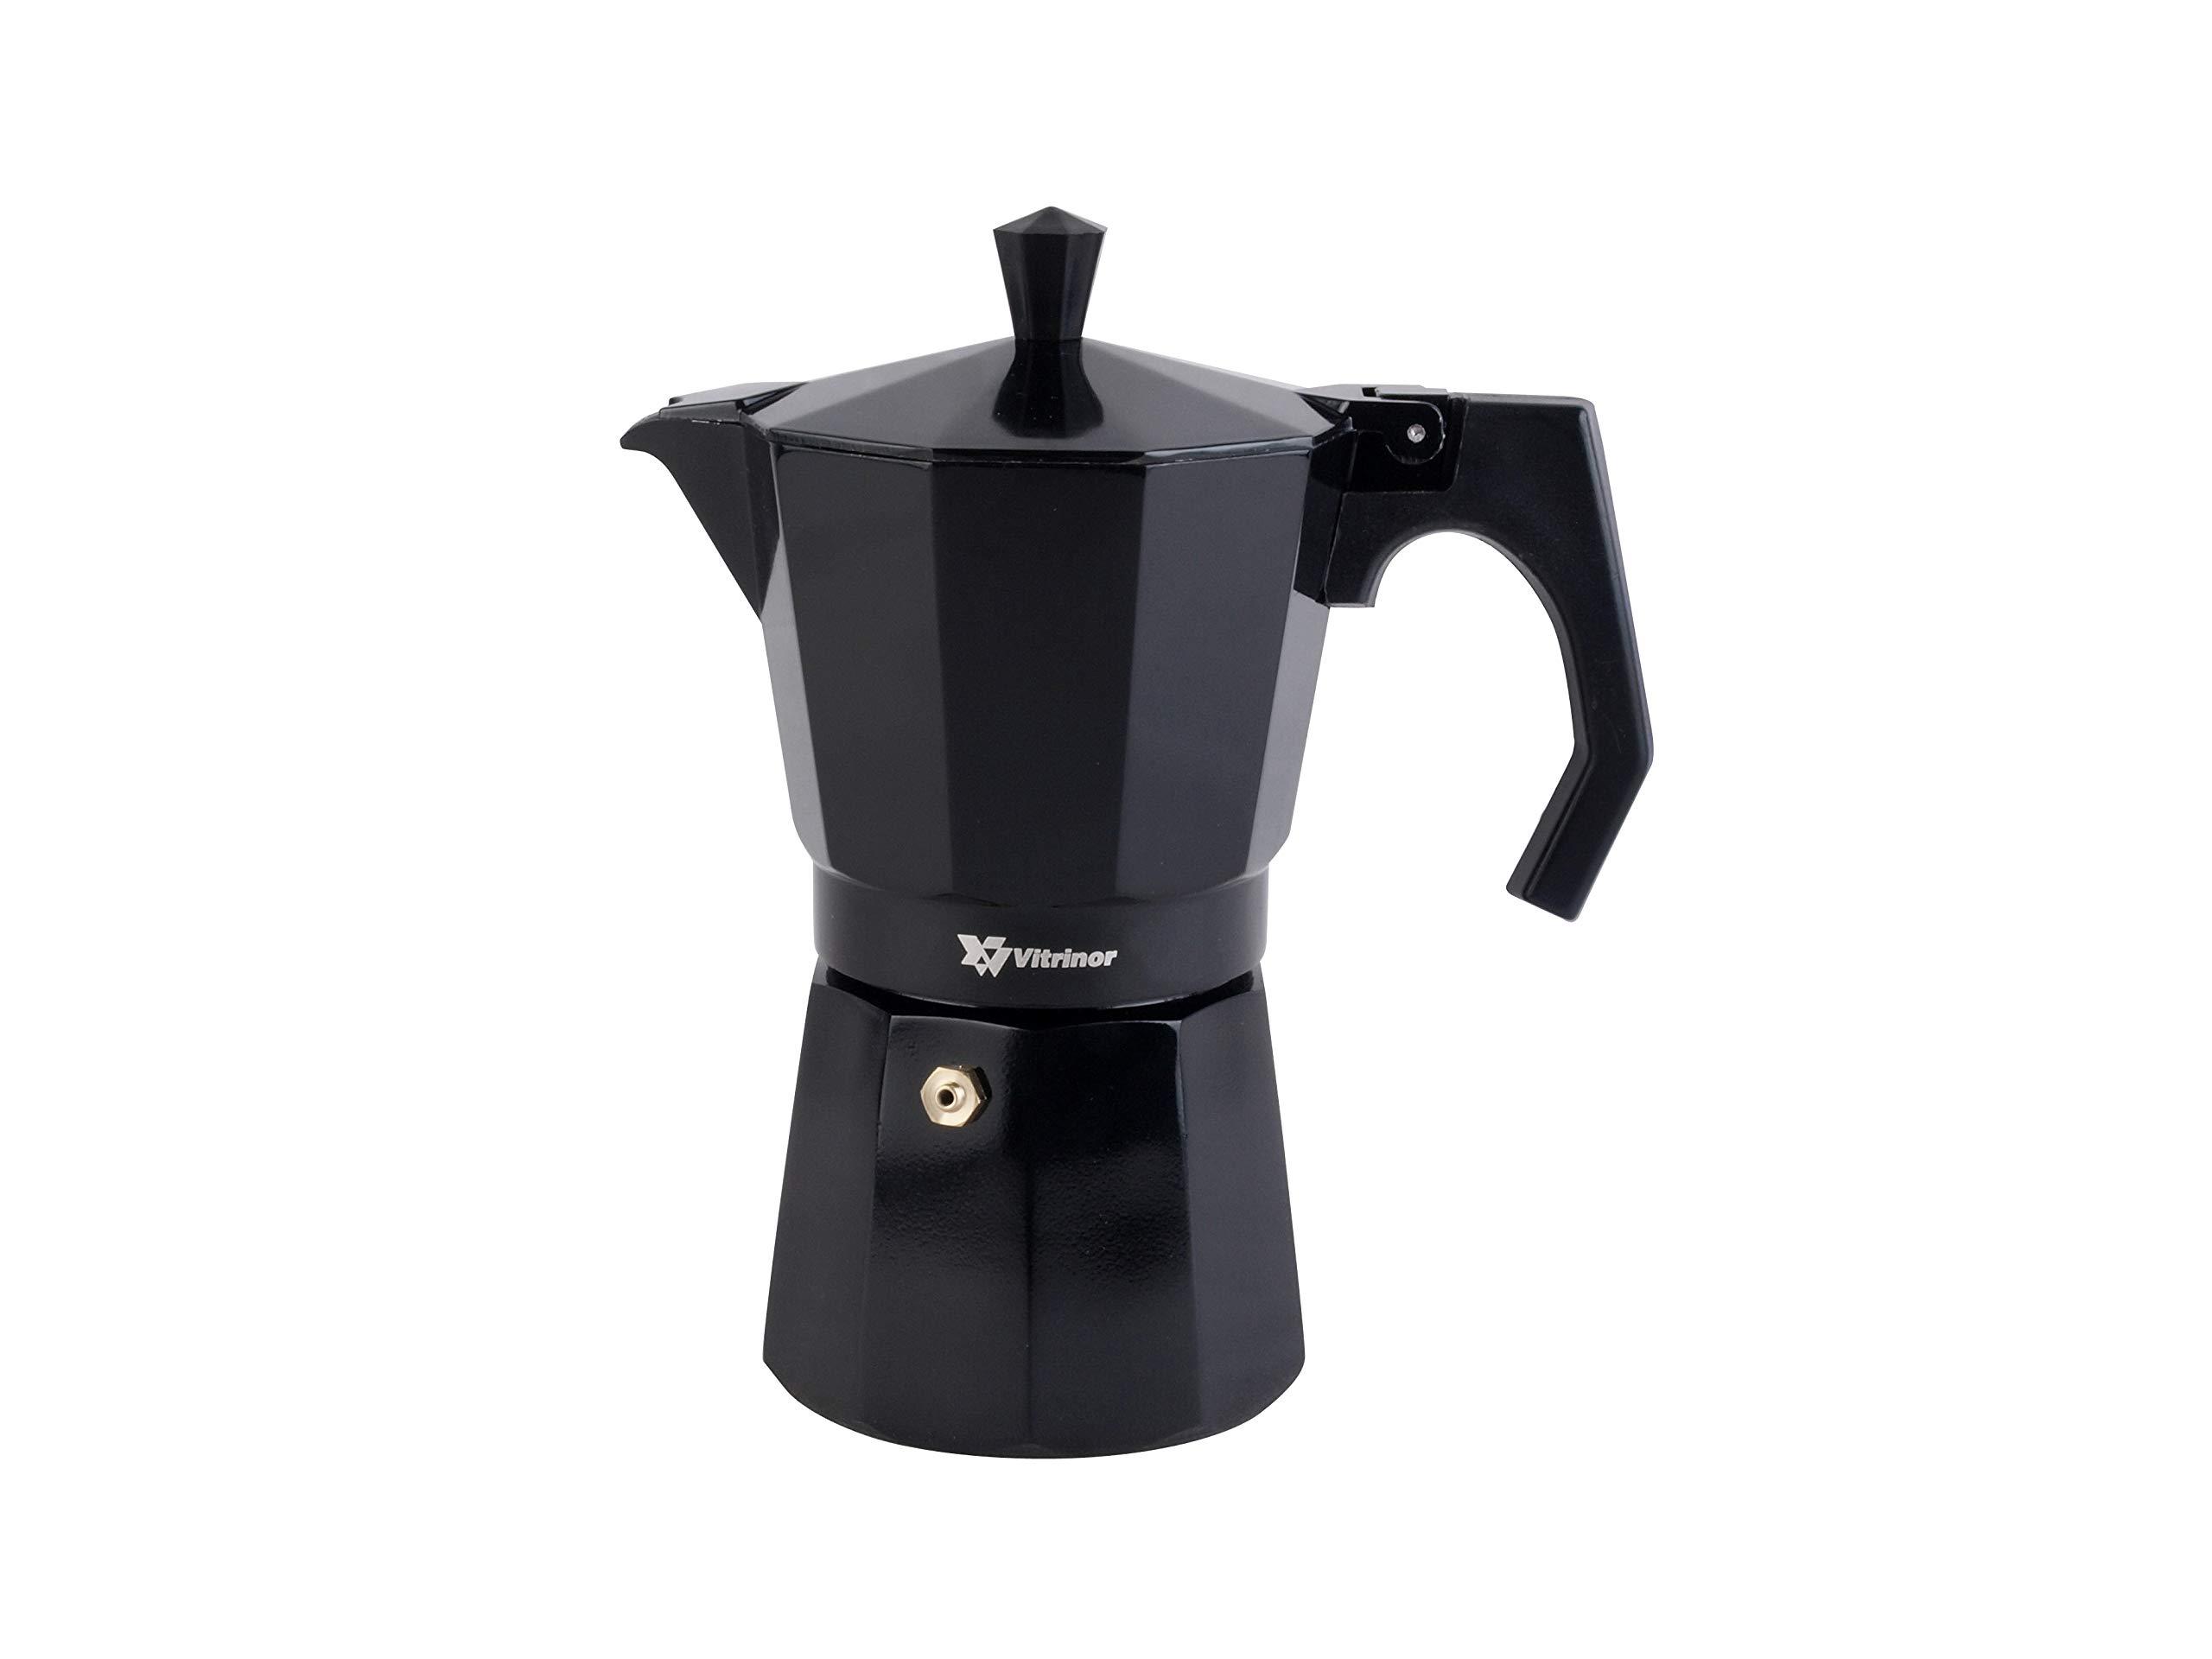 Vitrinor Black - Cafetera Italiana de aluminio express, 9 tazas café, inducción, apta para todas las cocinas, color negro, junta de cierre de silicona, válvula de seguridad: Amazon.es: Hogar